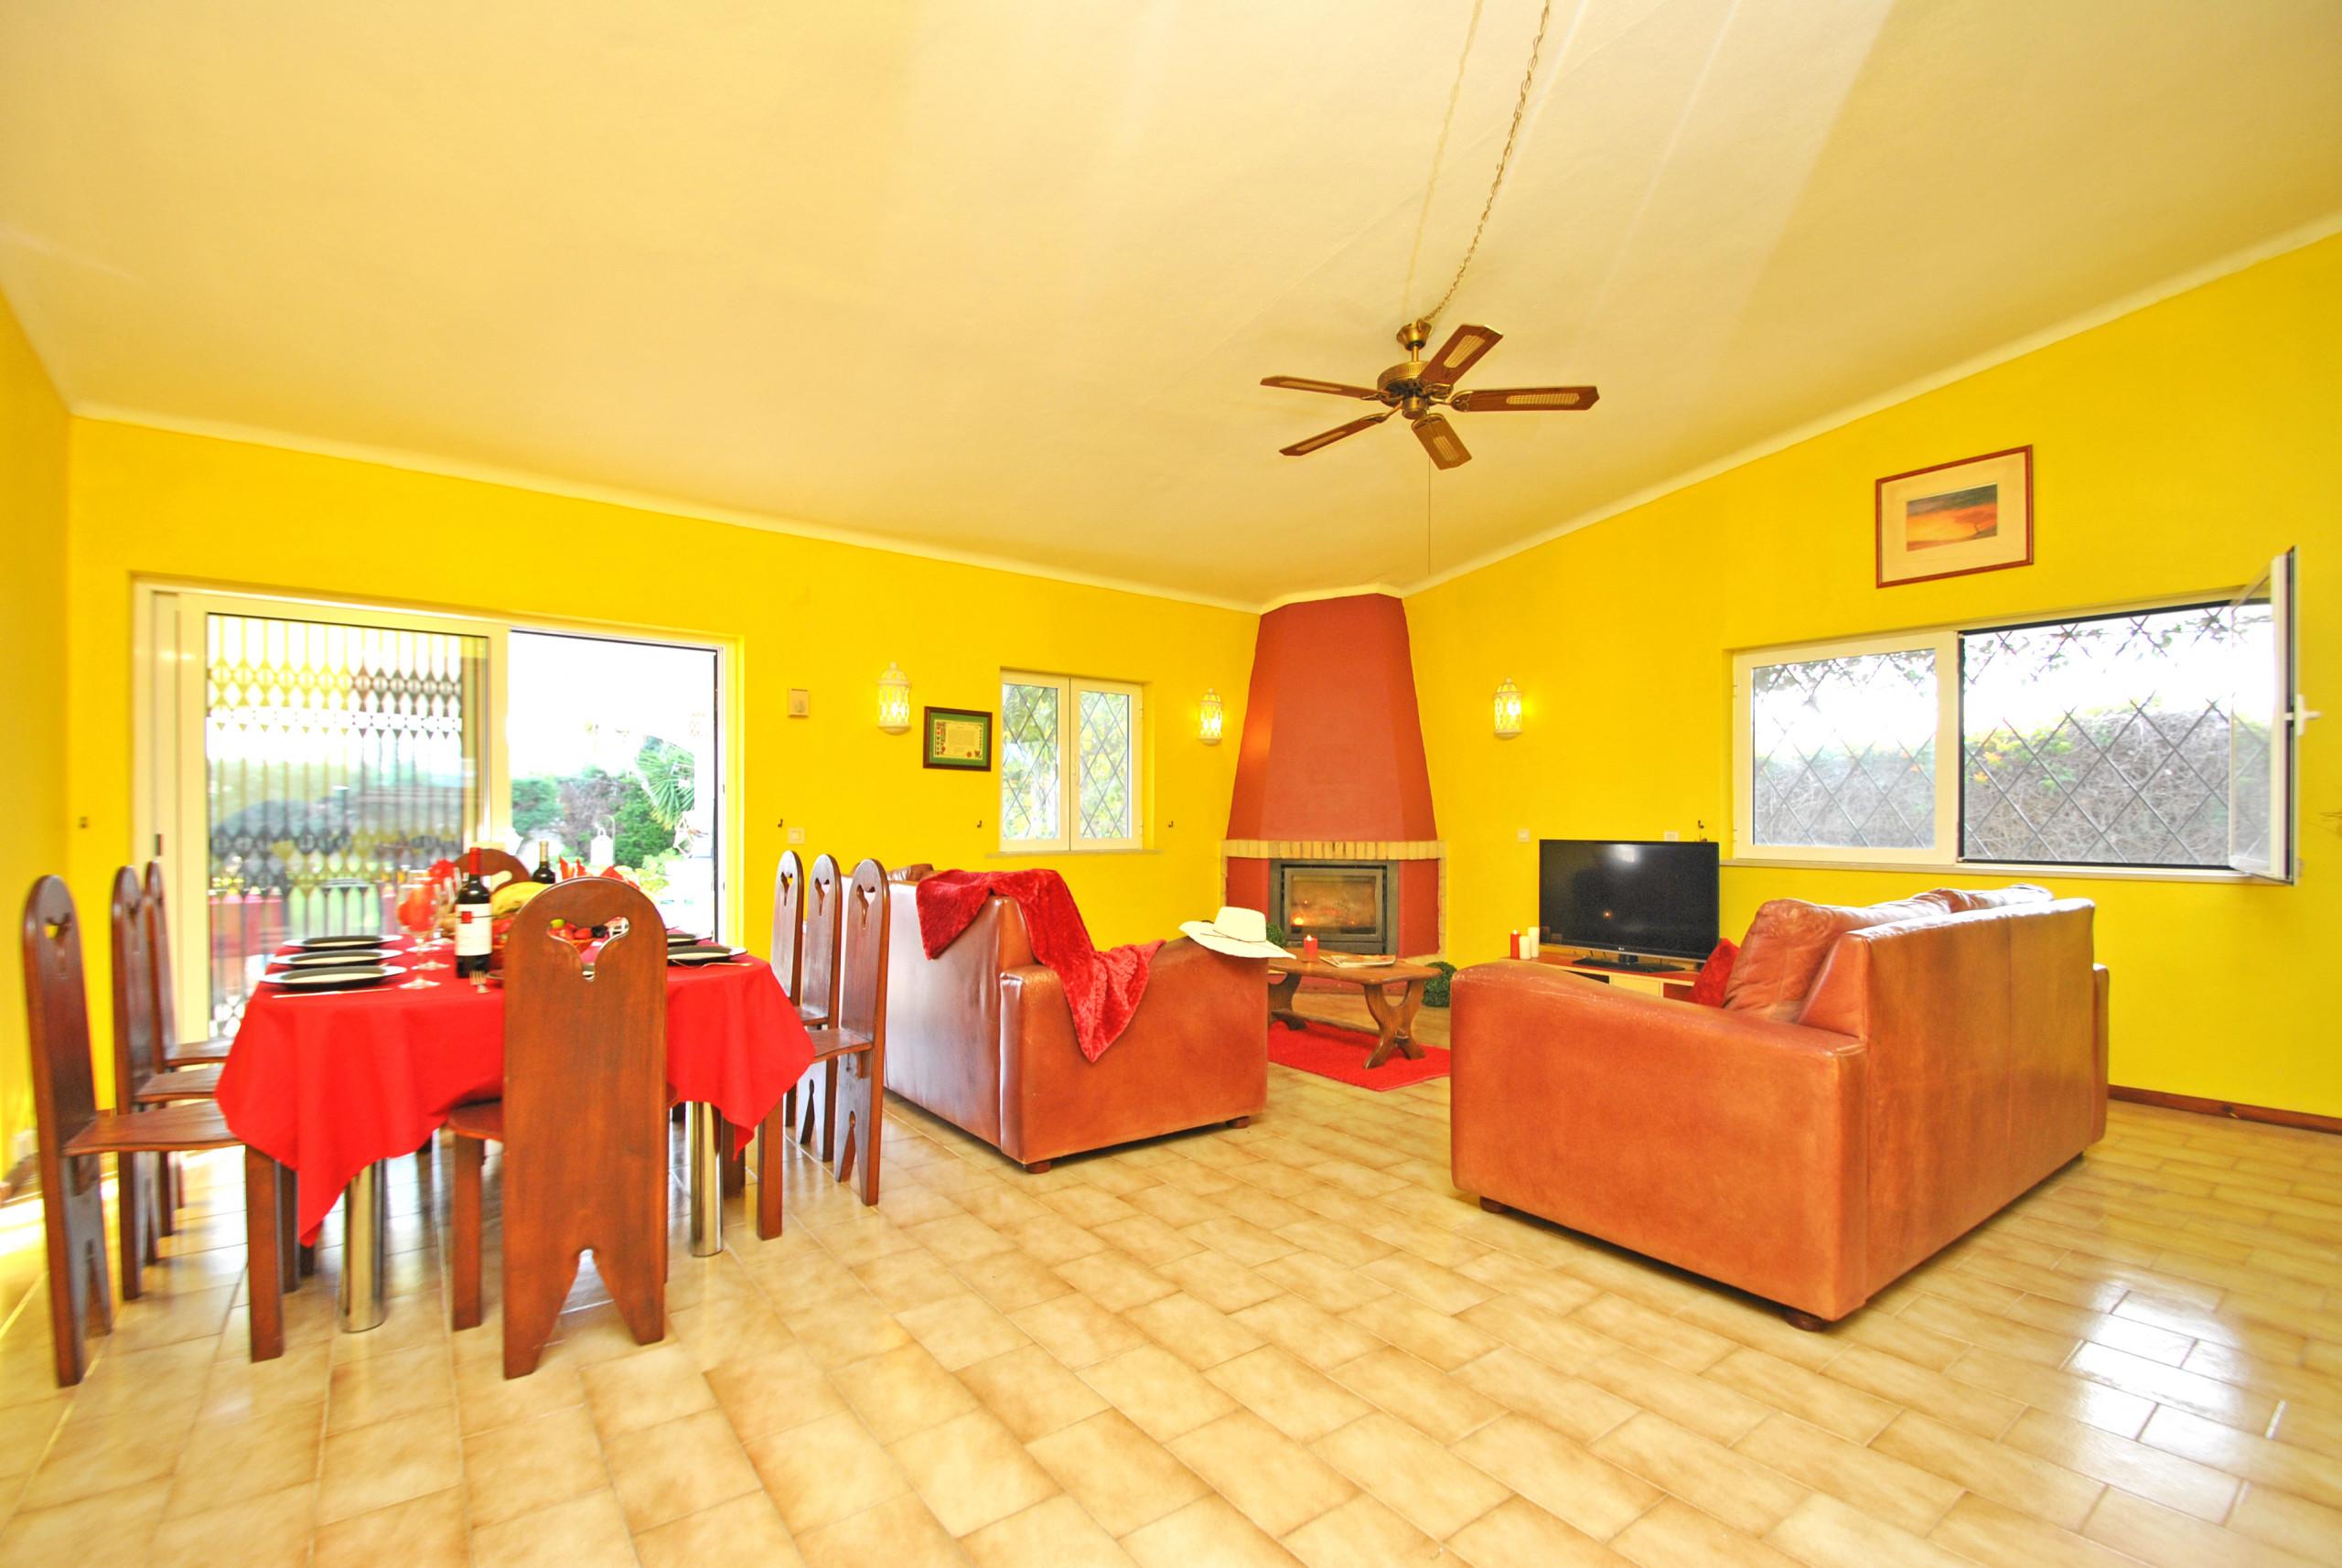 Location villa vacances lisbonne 3 km des plages et for Location lisbonne avec piscine